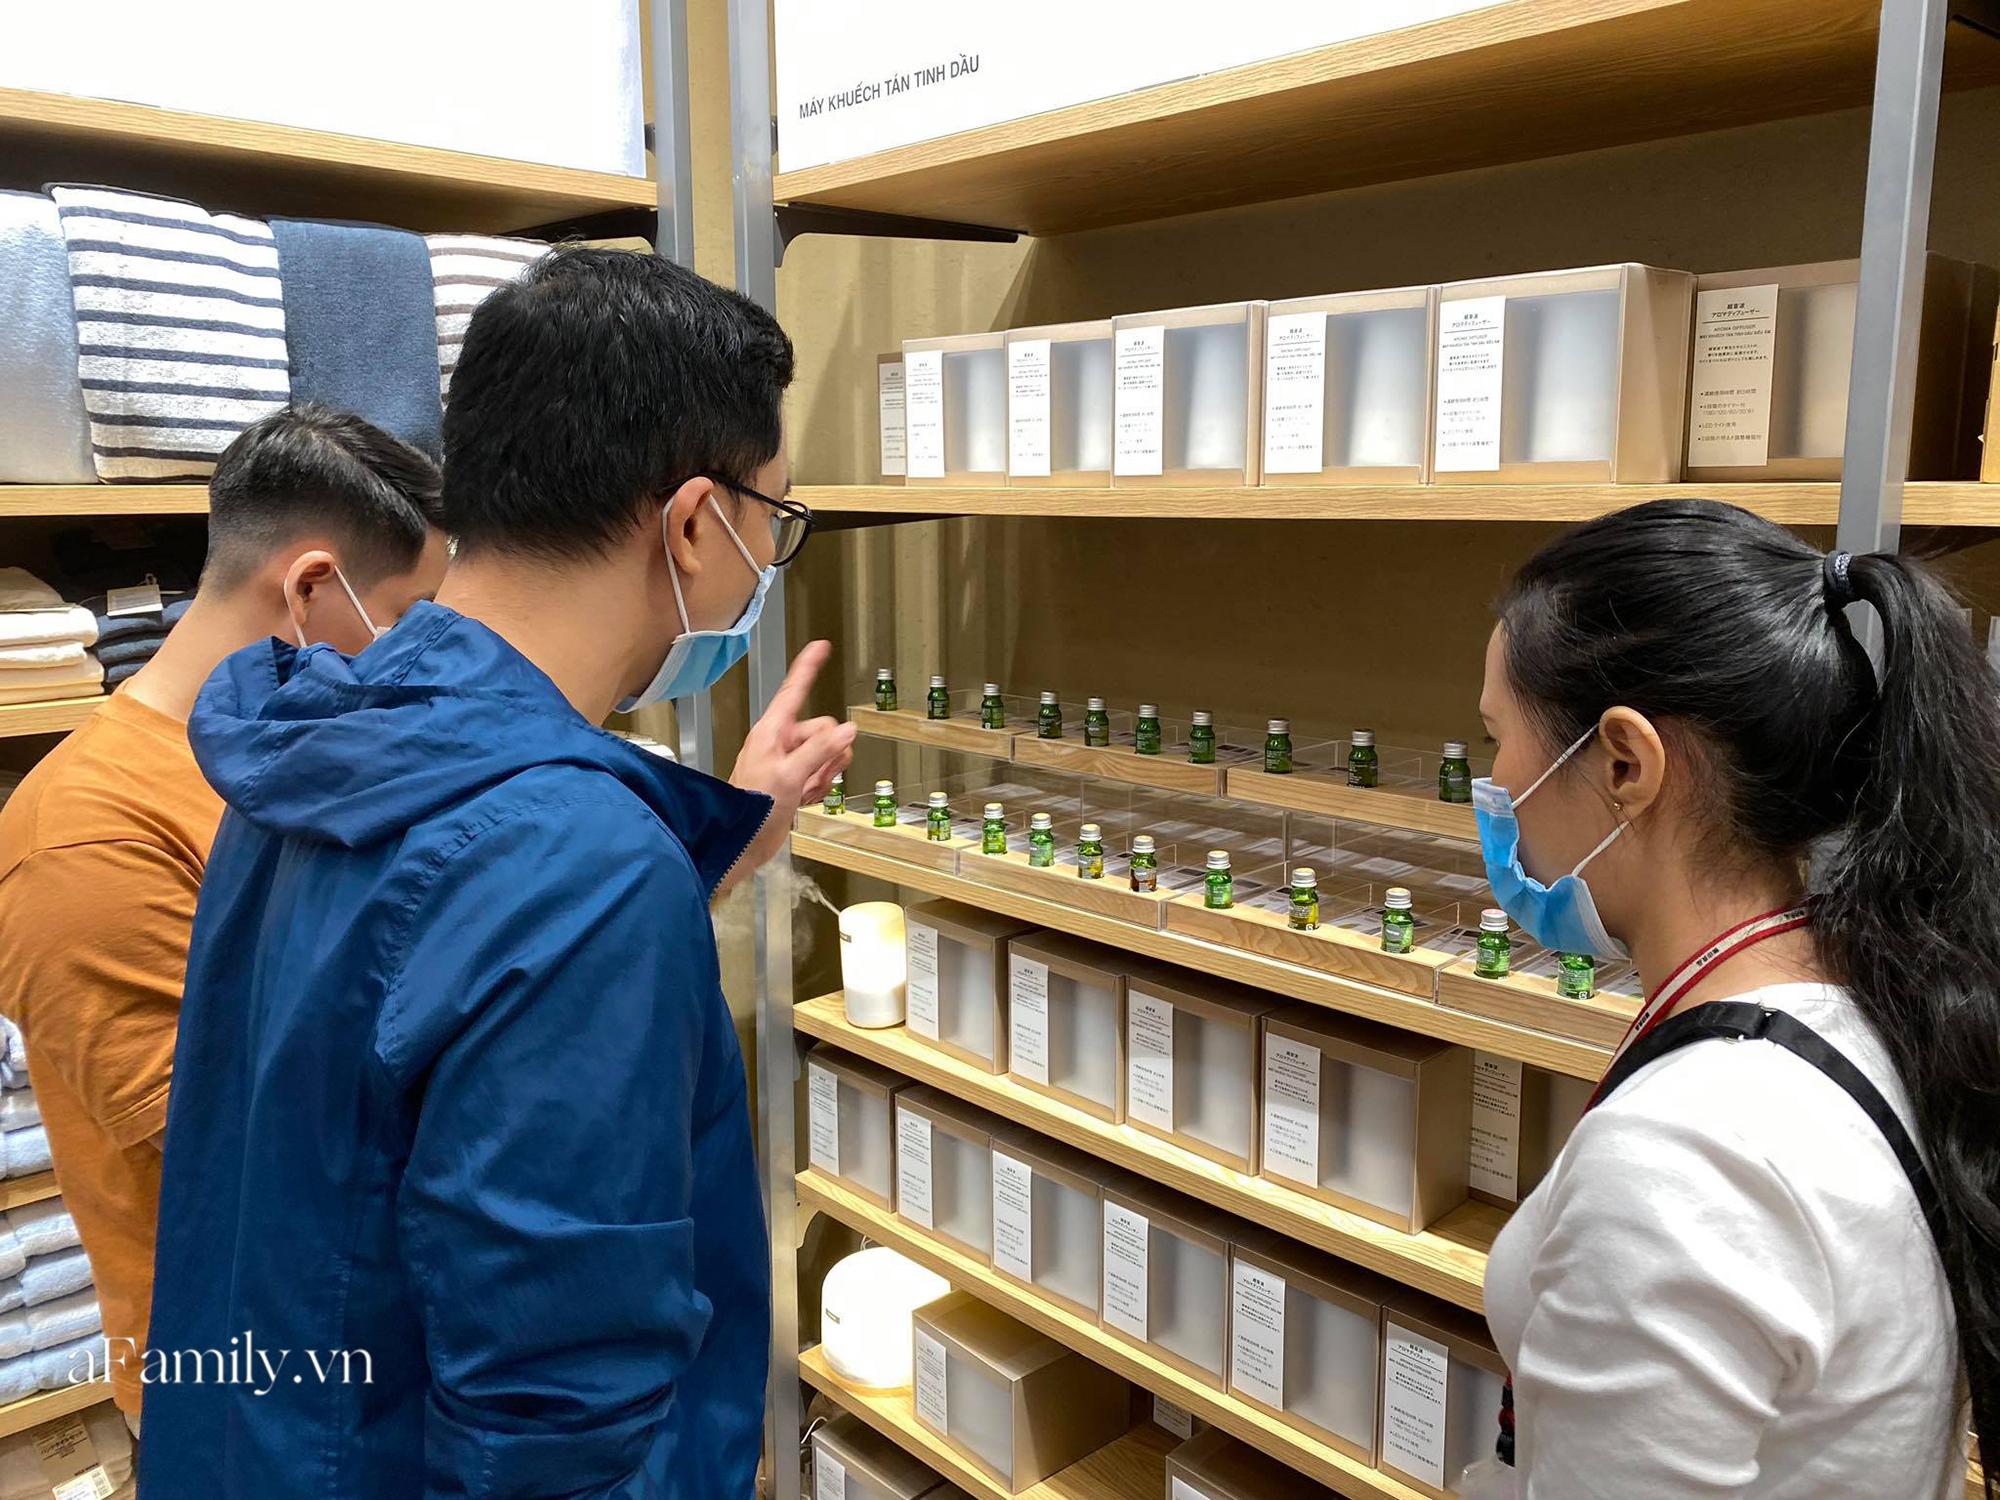 Ngày đón khách đầu tiên của MUJI tại Sài Gòn, không truyền thông rầm rộ nhưng dòng người xếp hàng dài cách nhau 2m vẫn nối đuôi như vô tận -14